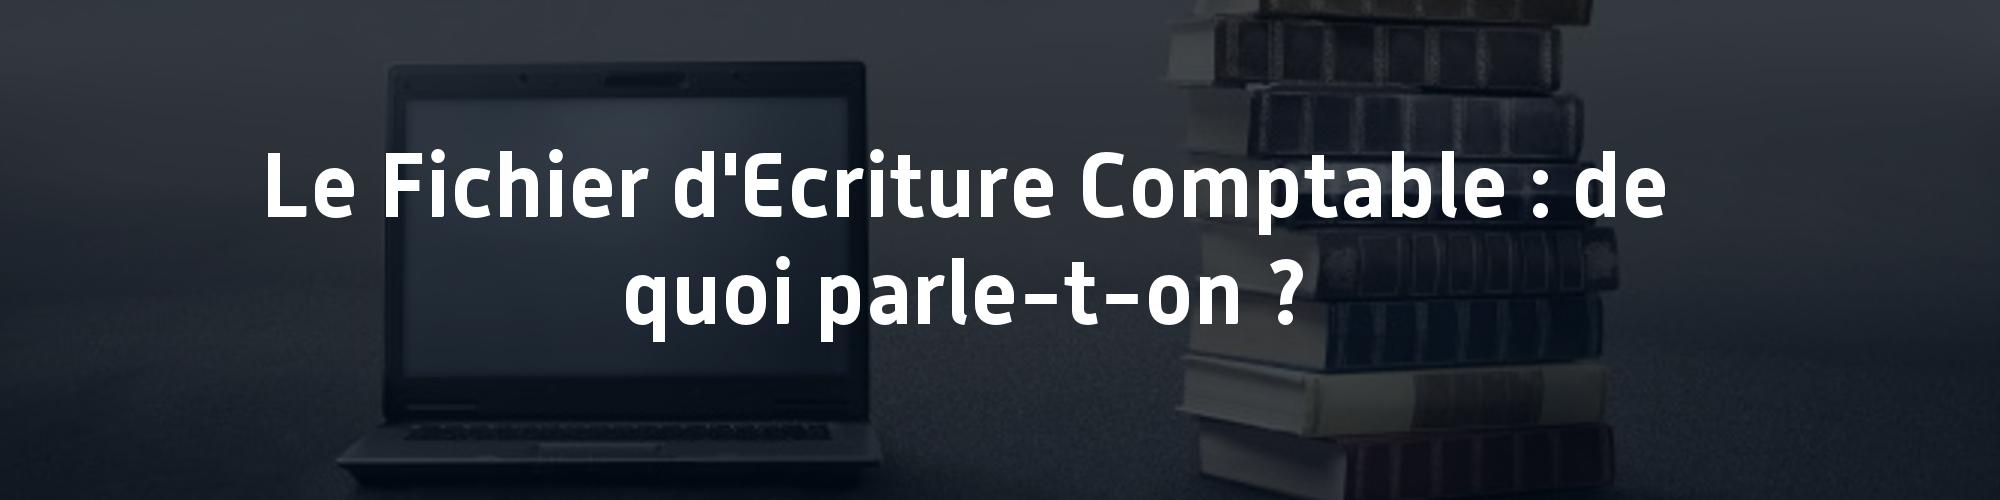 Fichier ecriture comptable_FEC_obligation_controle_fiscal_comptabilité